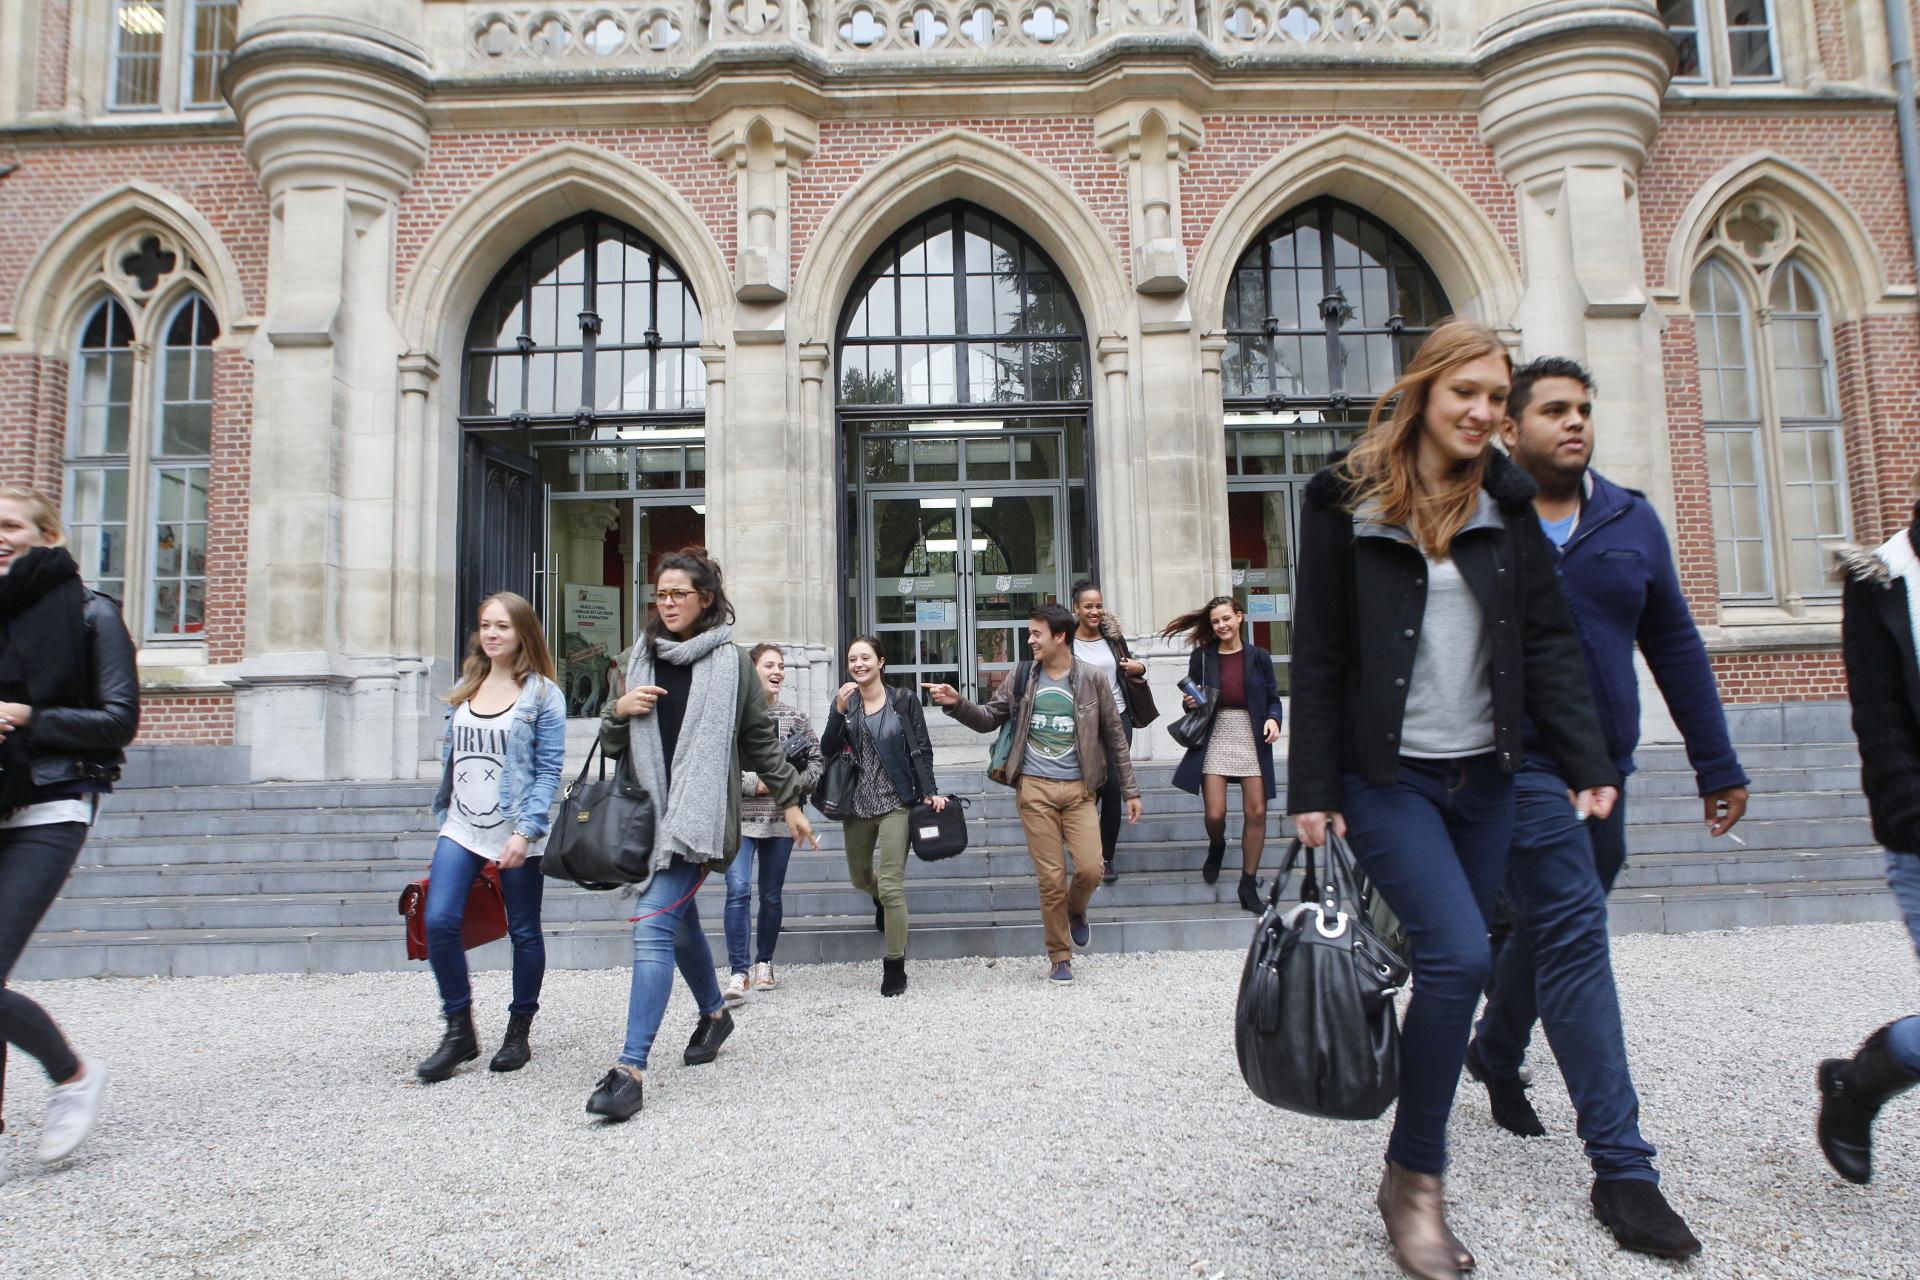 Etudiants sortant de l'hôtel académique de l'Université Catholique de Lille